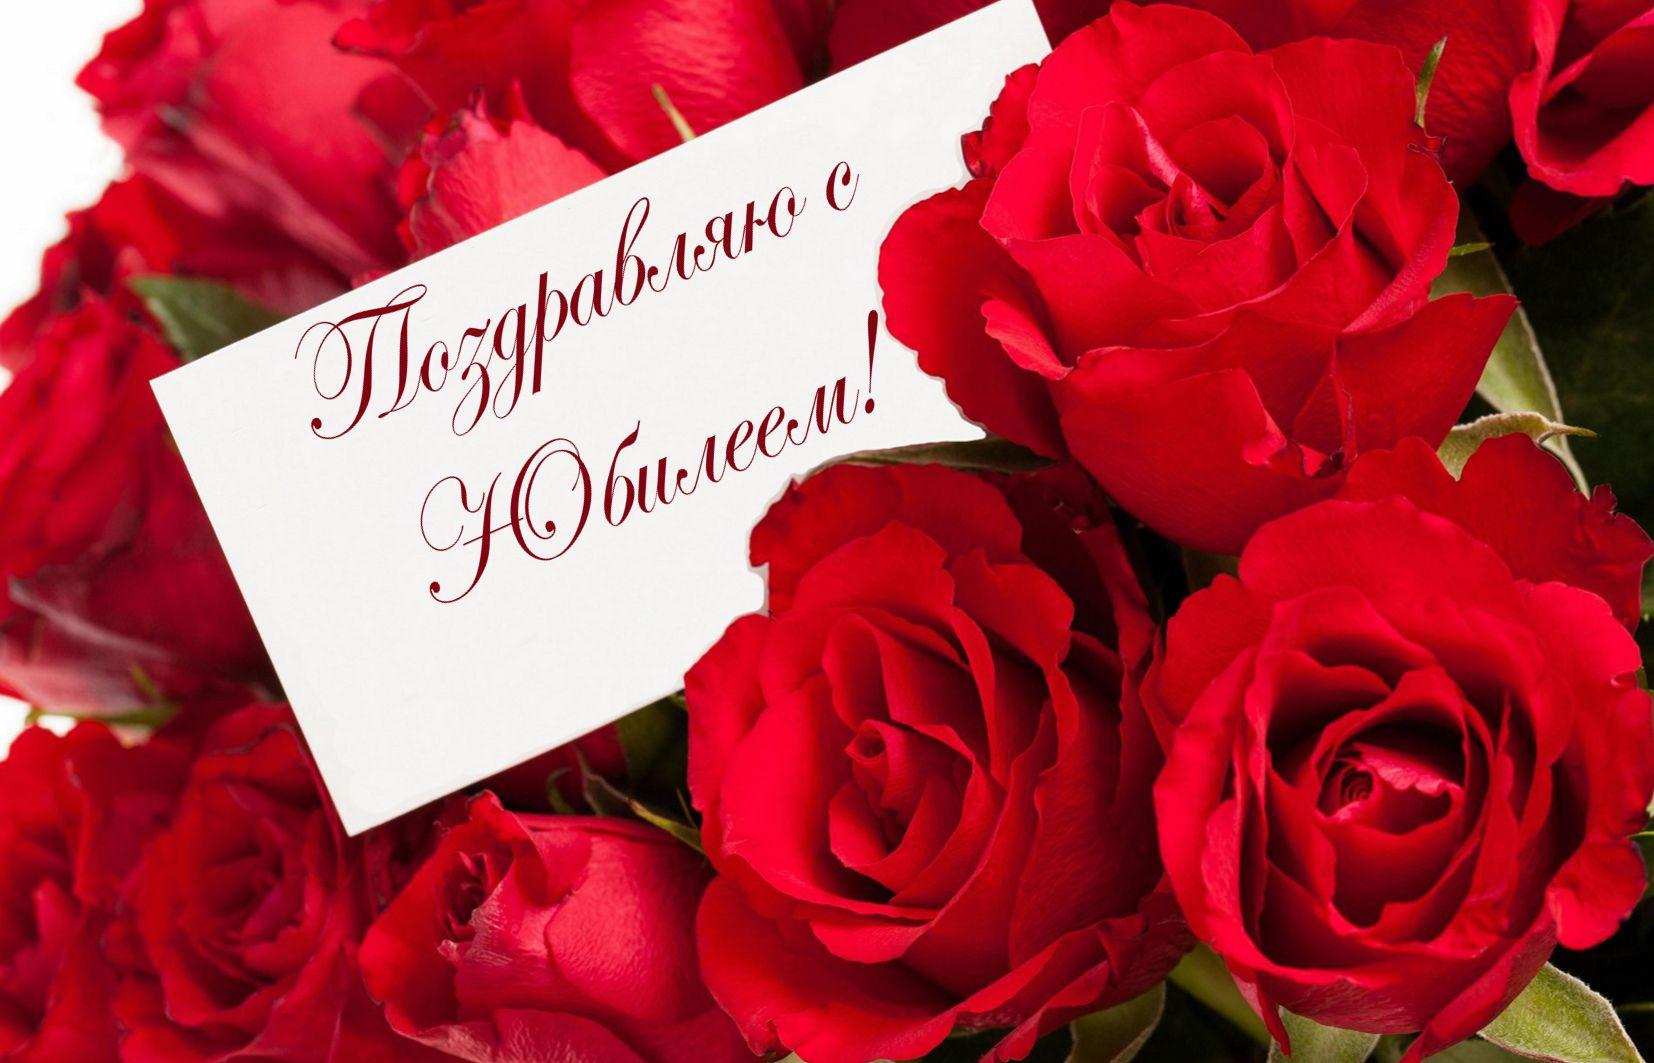 Картинки красивые розы с надписями (35 фото) Прикольные картинки и юмор 10